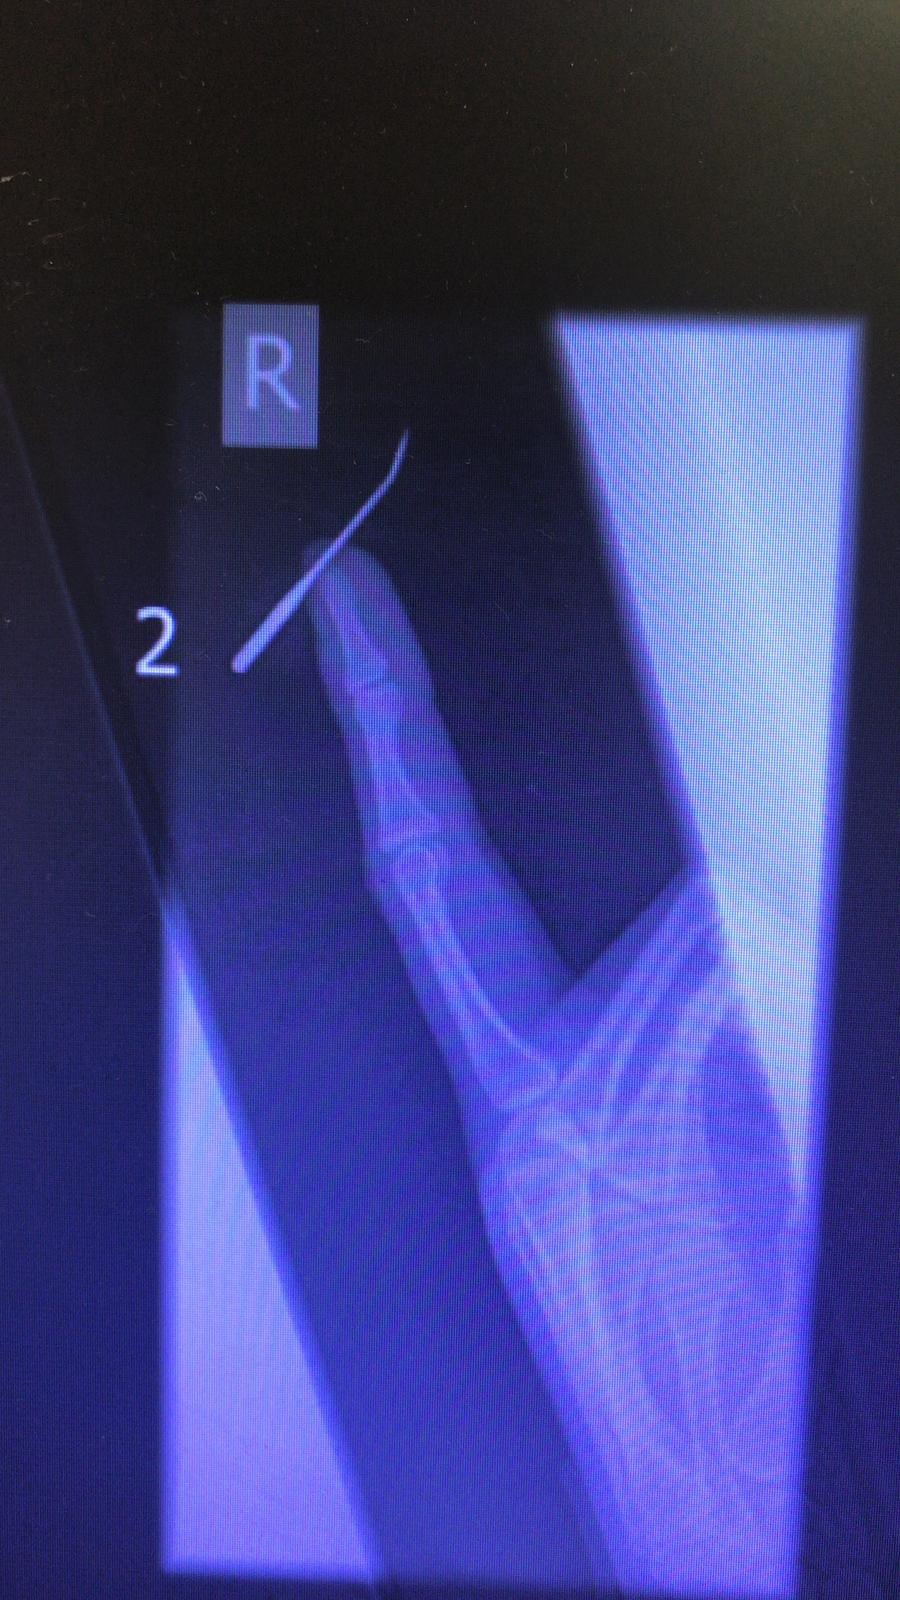 צילום רנטגן של המחט באצבעה של התופרת צילום: דוברות מיון טרם